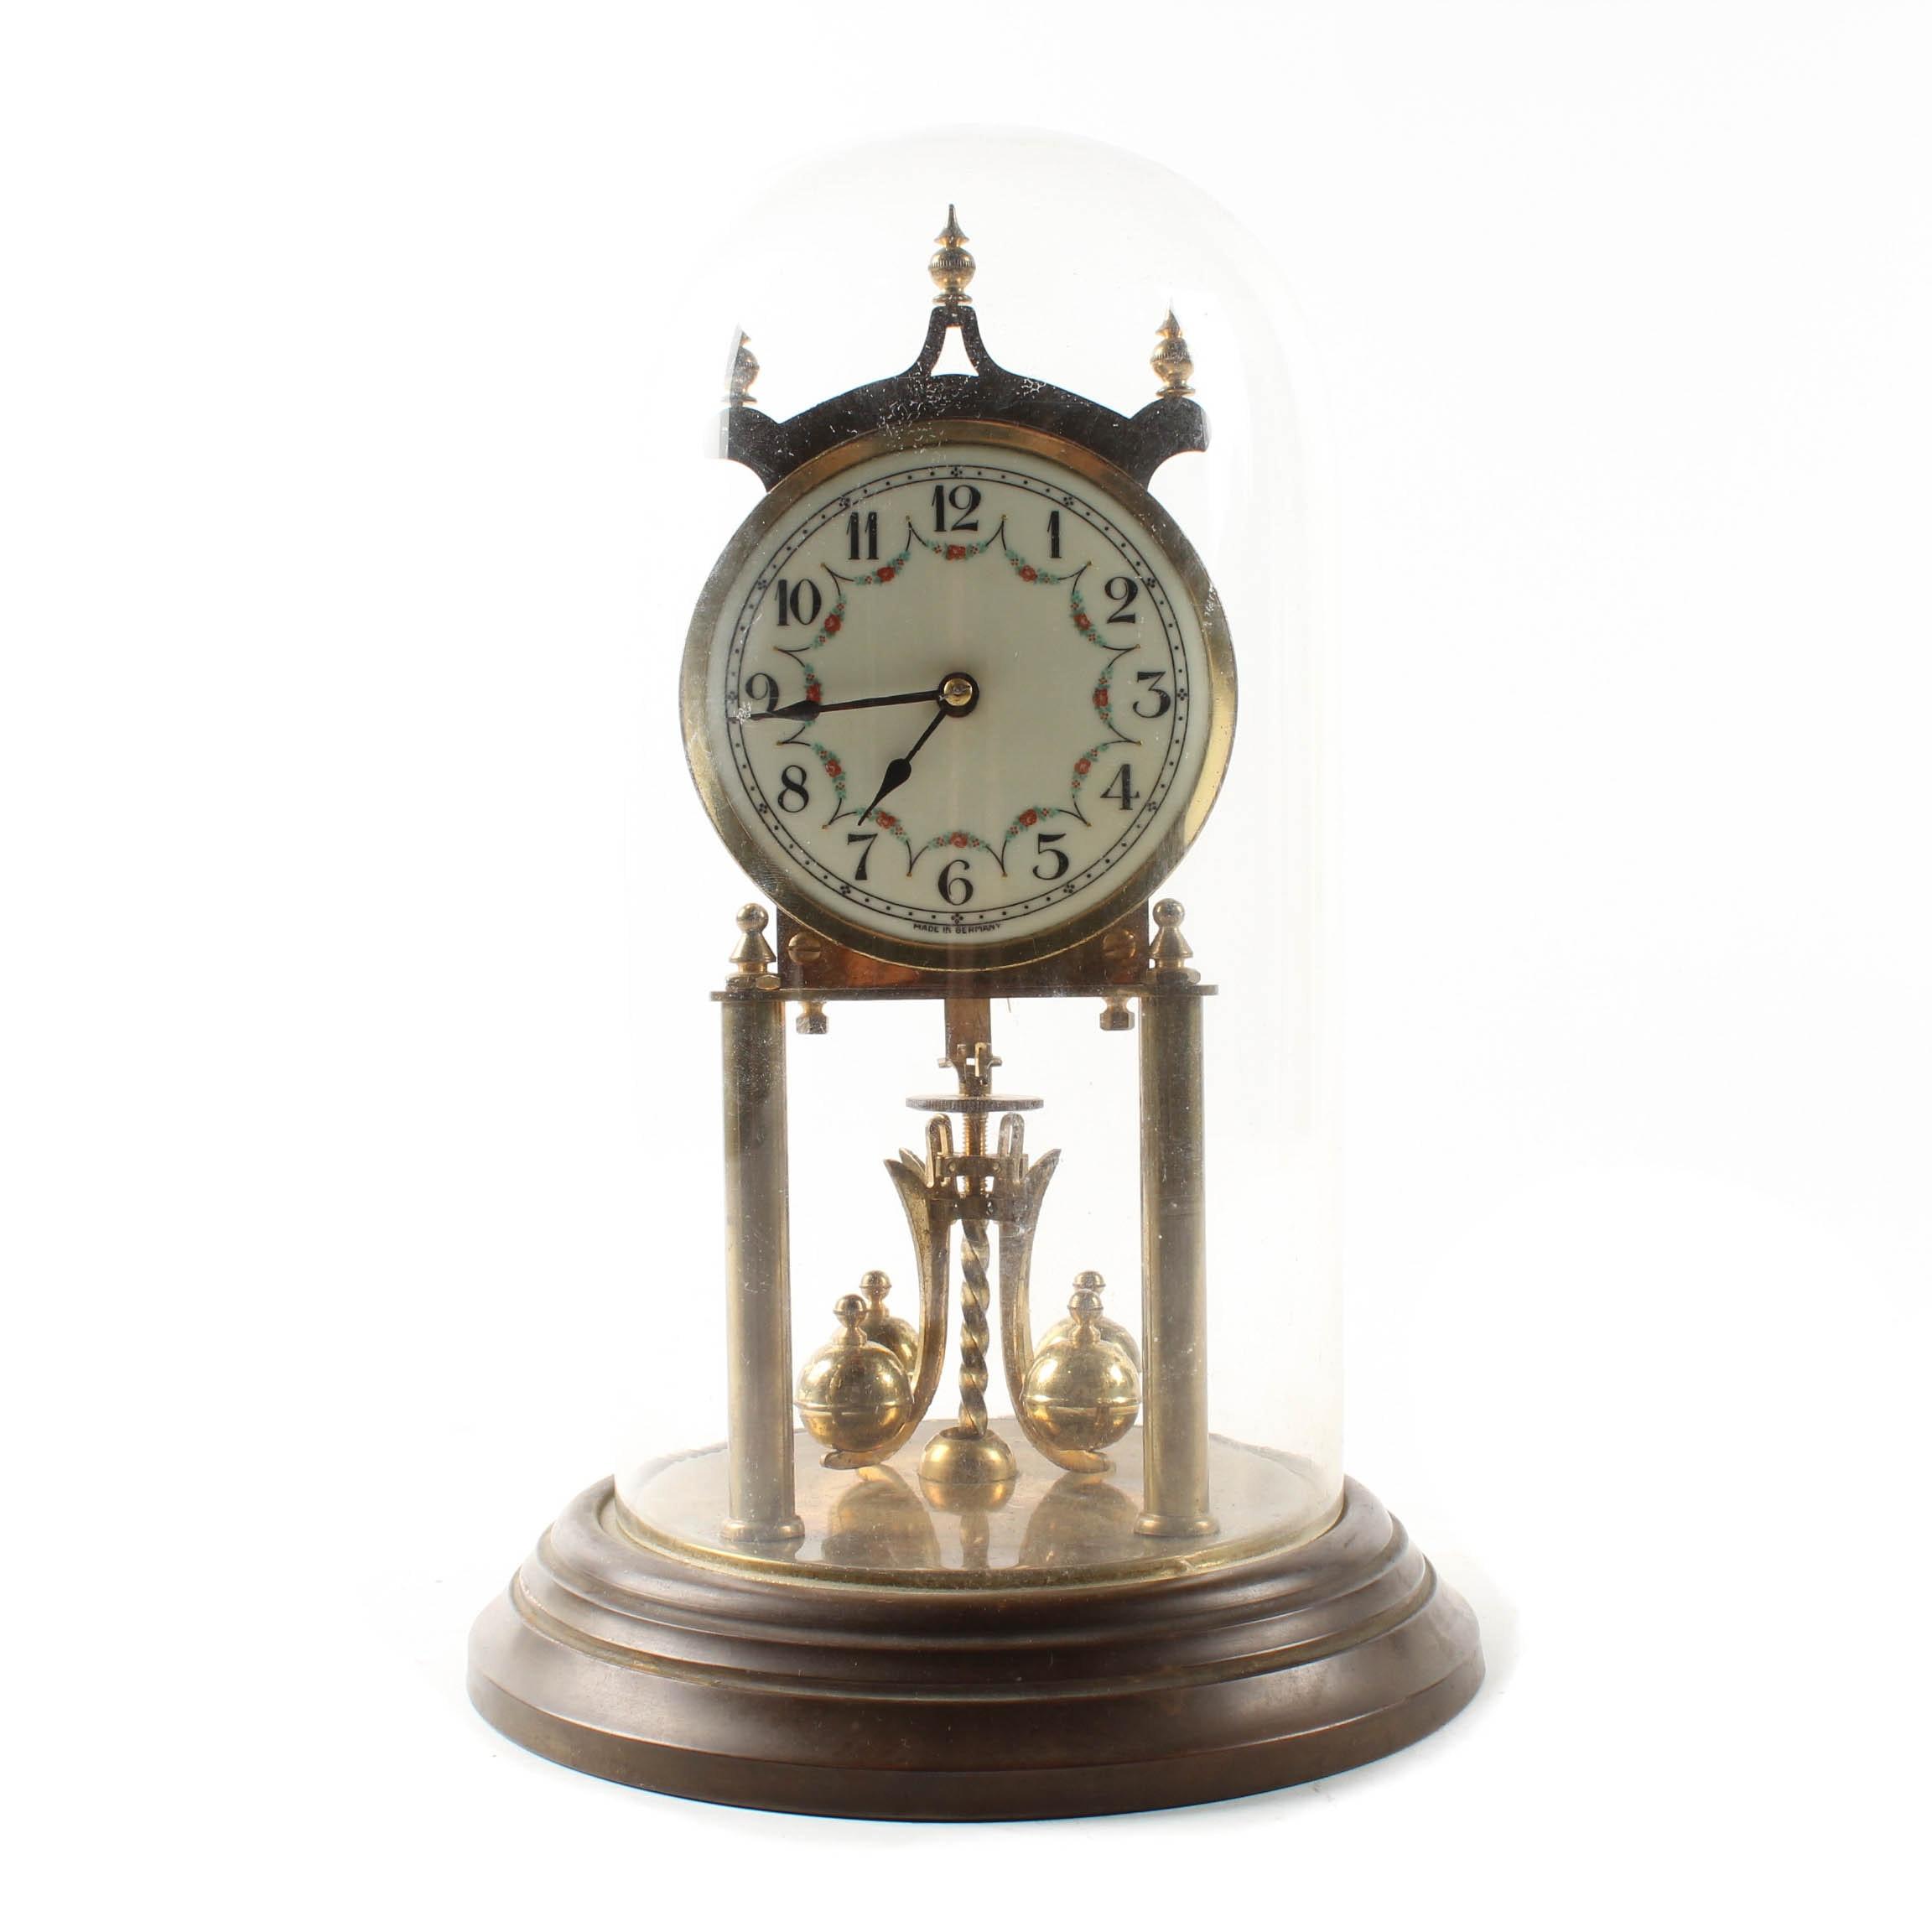 Kieninger & Obergfell German Anniversary Clock